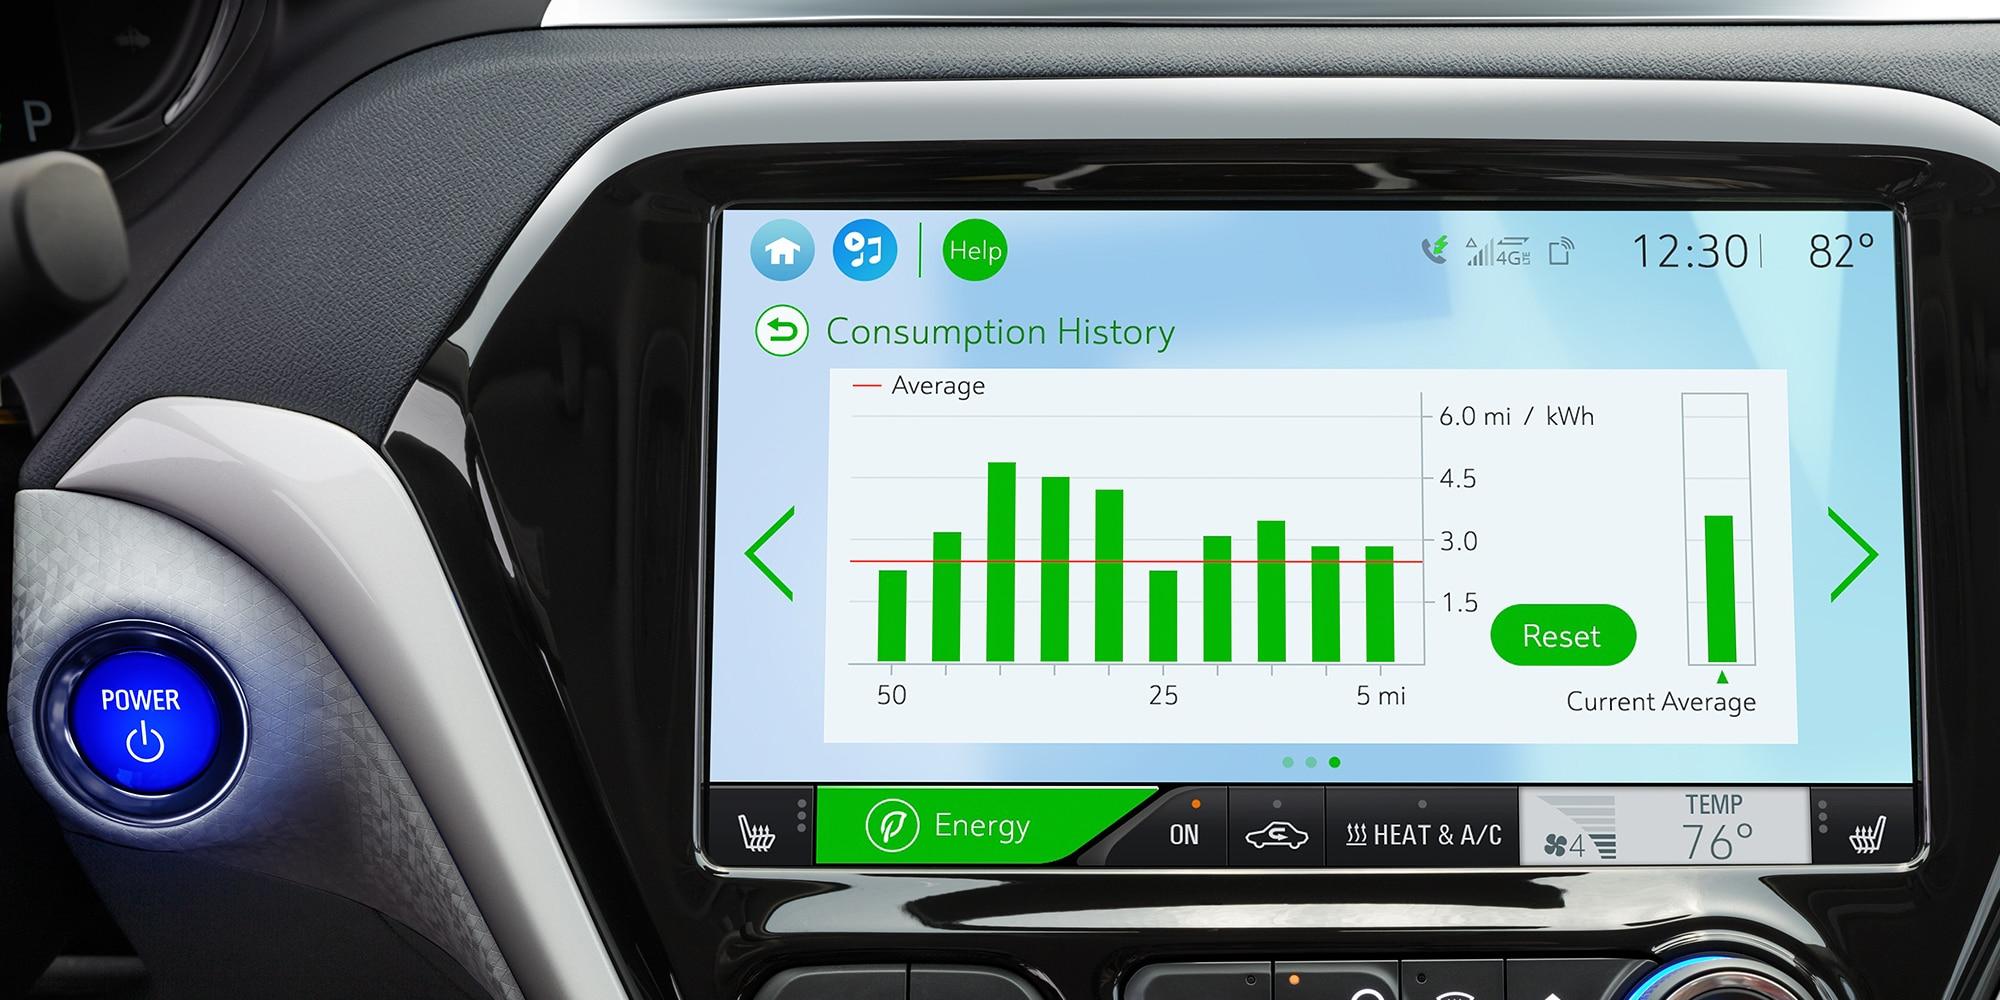 Tecnología del auto eléctrico Bolt EV 2018: Historial de consumo